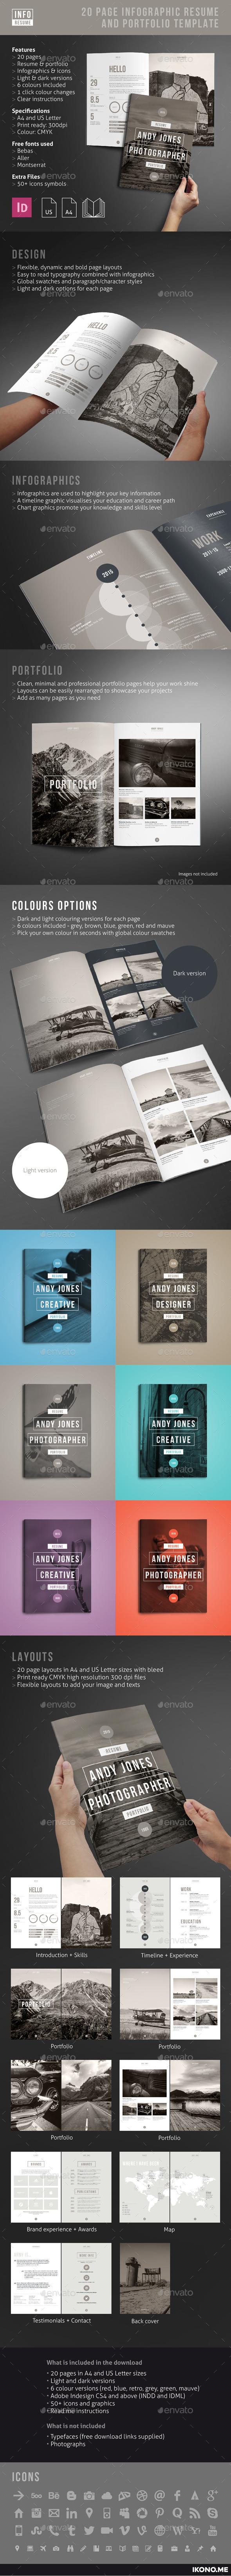 Portfolio Cv Graphics Designs Templates From Graphicriver